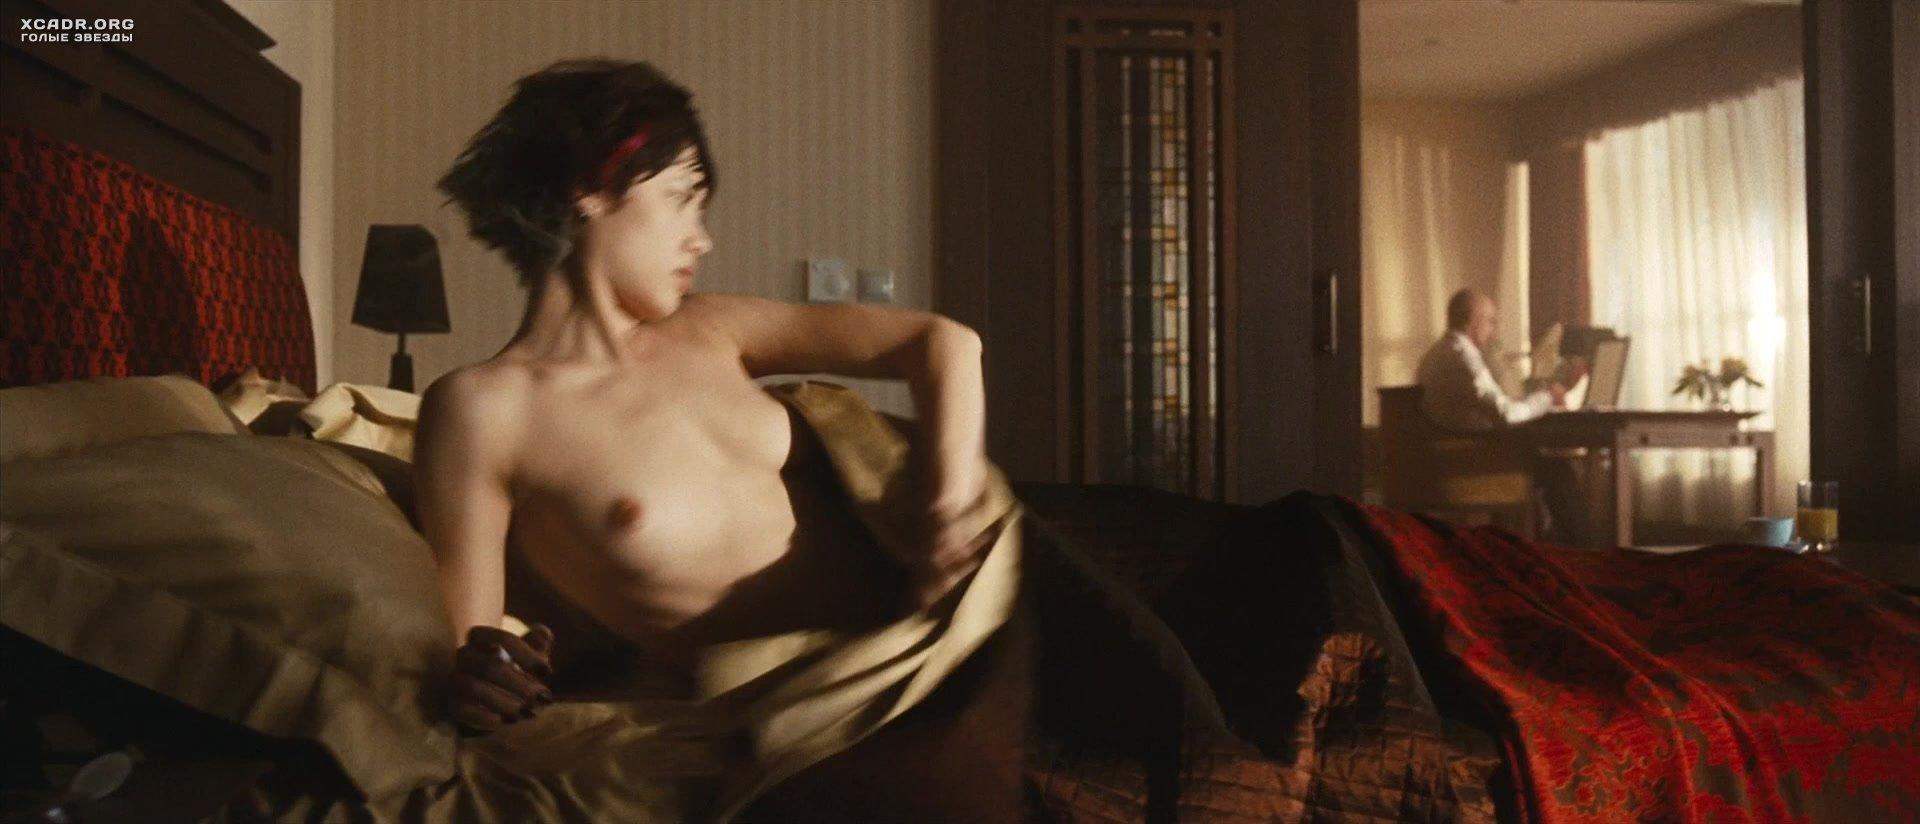 Olga kurylenko naked photo